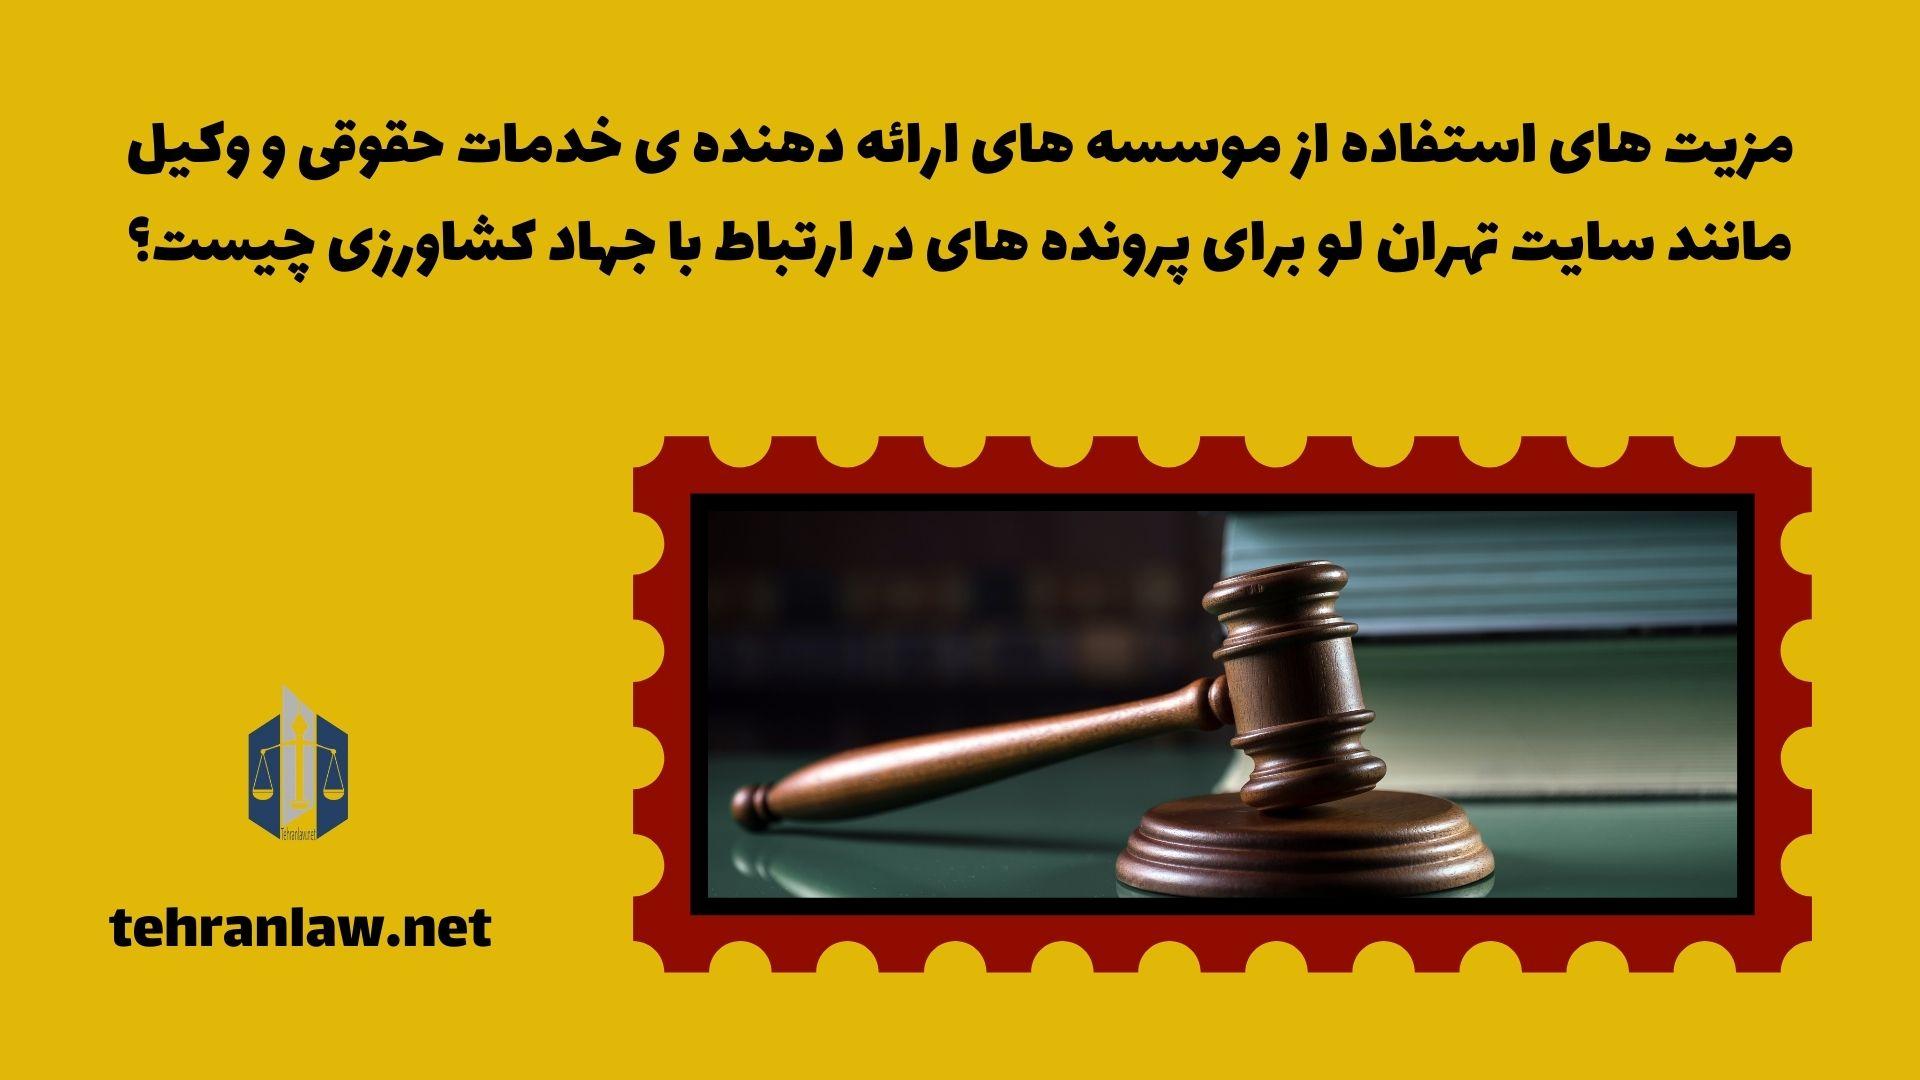 مزیت های استفاده از موسسه های ارائه دهنده ی خدمات حقوقی و وکیل مانند سایت تهران لو برای پرونده های در ارتباط با جهاد کشاورزی چیست؟